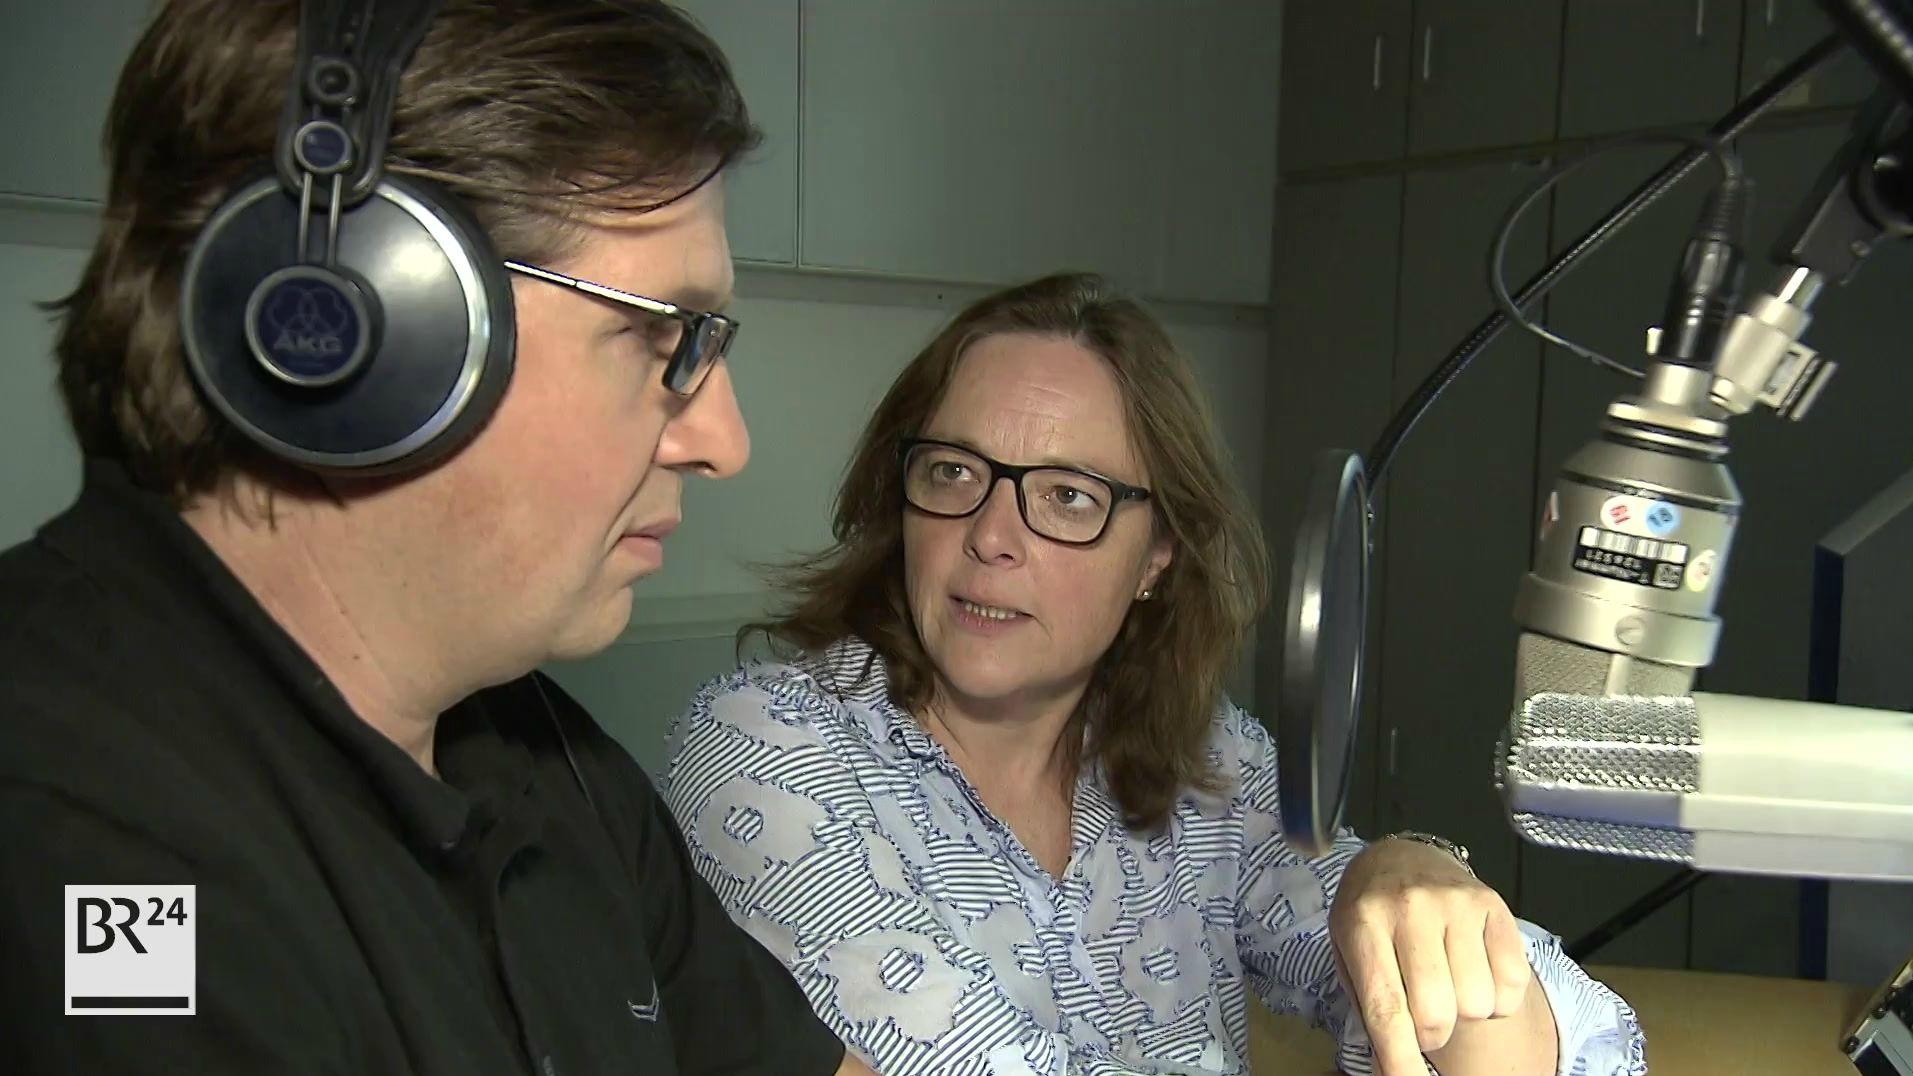 Mitmischer Jürgen Neumann mit Reporterin Julia Hofmann